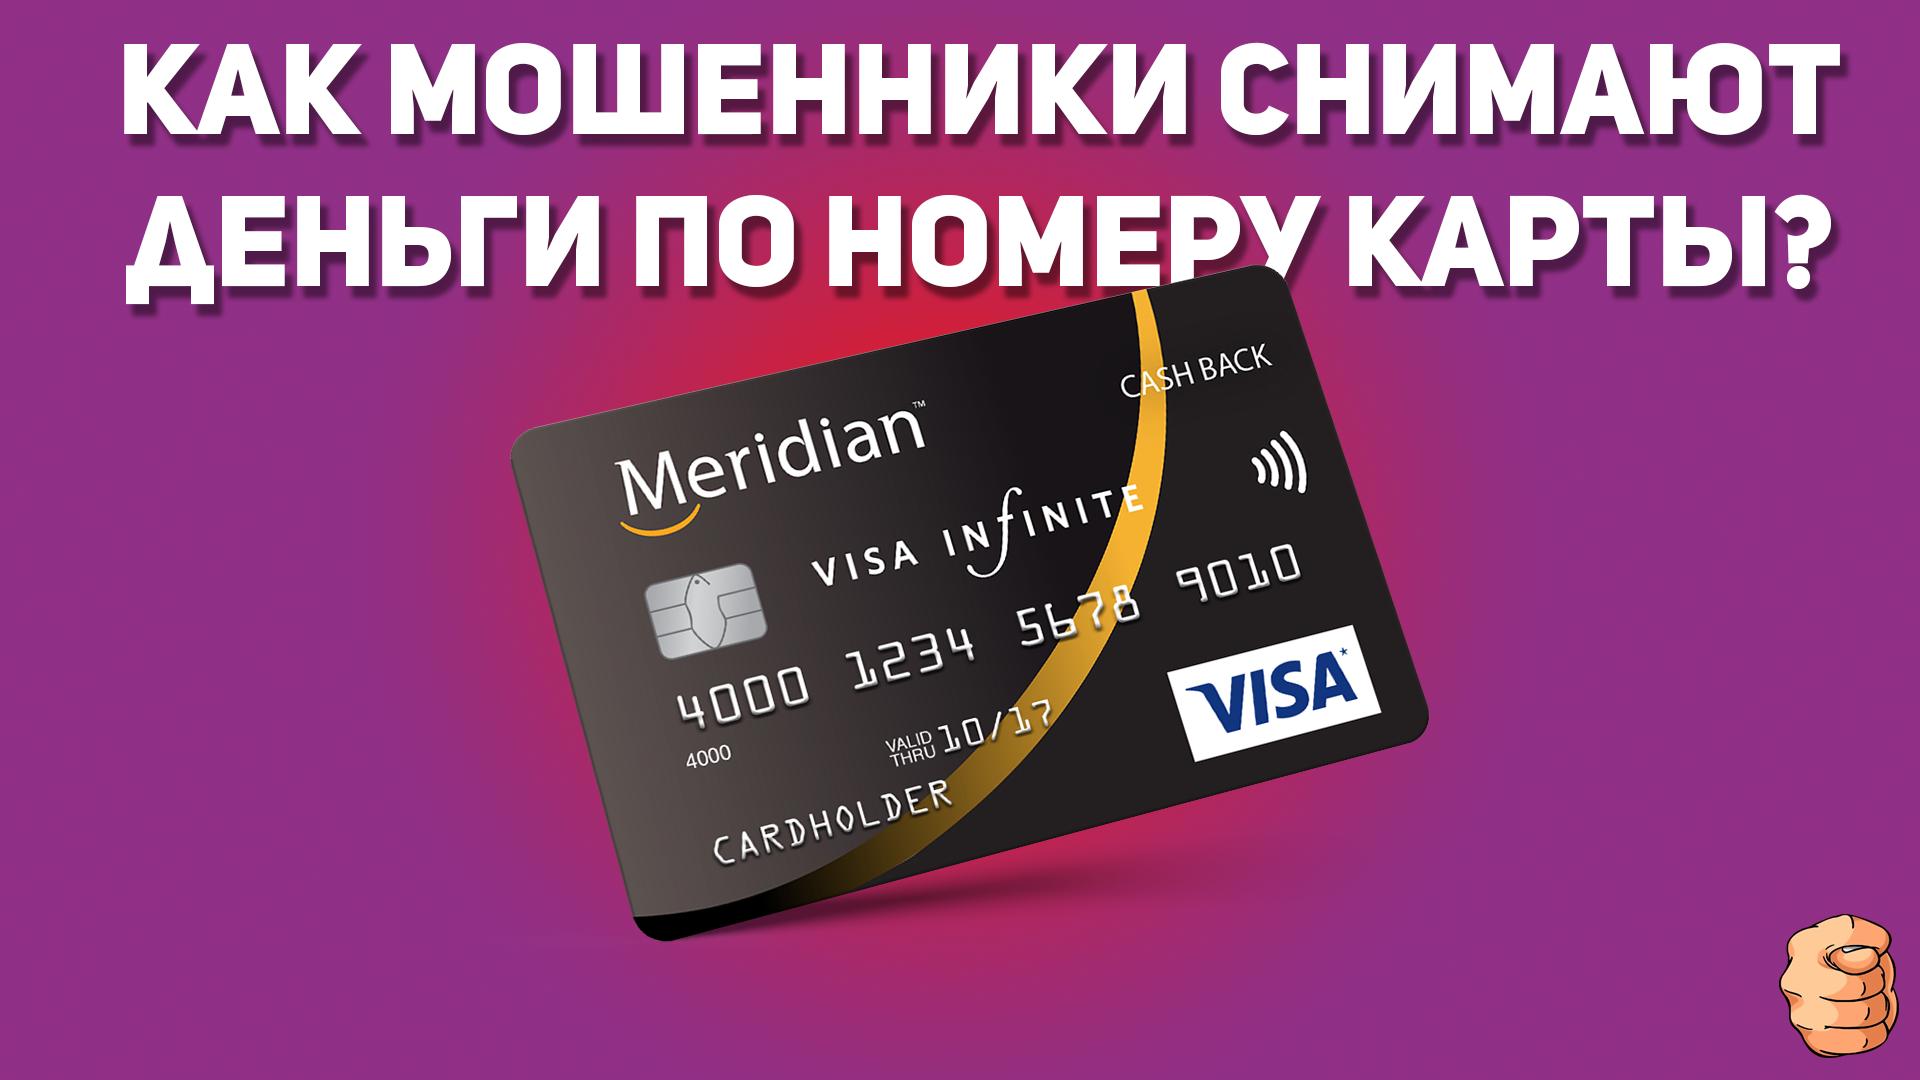 Как мошенники могут завладеть деньгами с вашей карты, зная только её номер